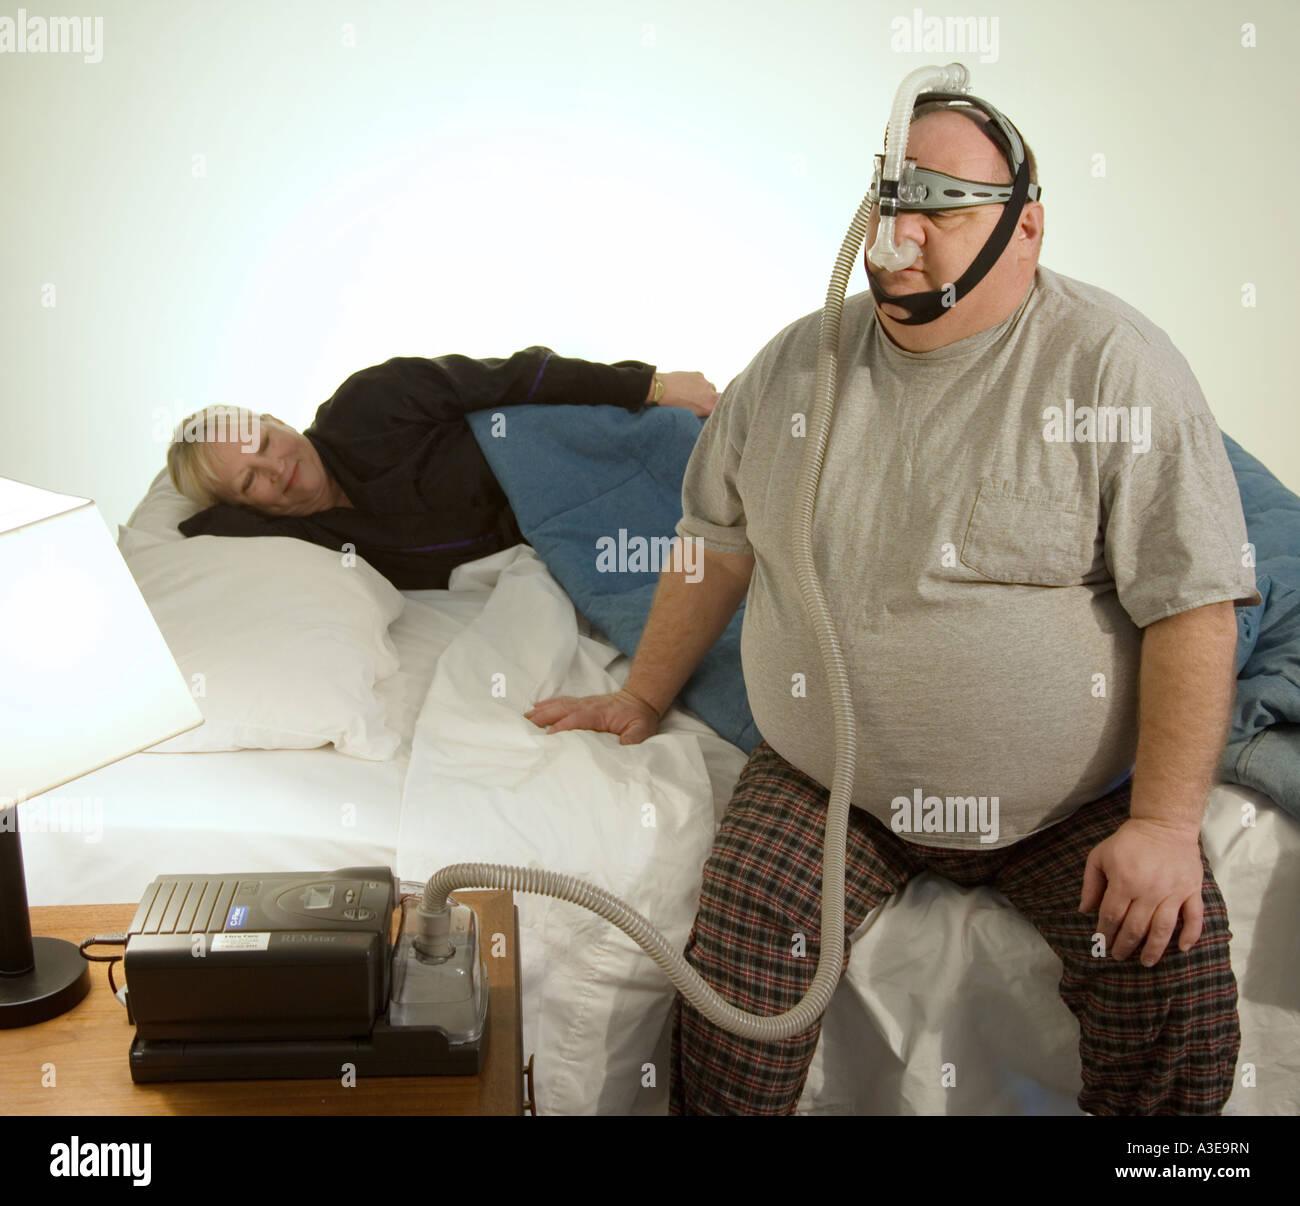 Uomo con apnea nel sonno problemi si prepara a letto come sua moglie cerca di dormire. La sua macchina CPAP è Immagini Stock